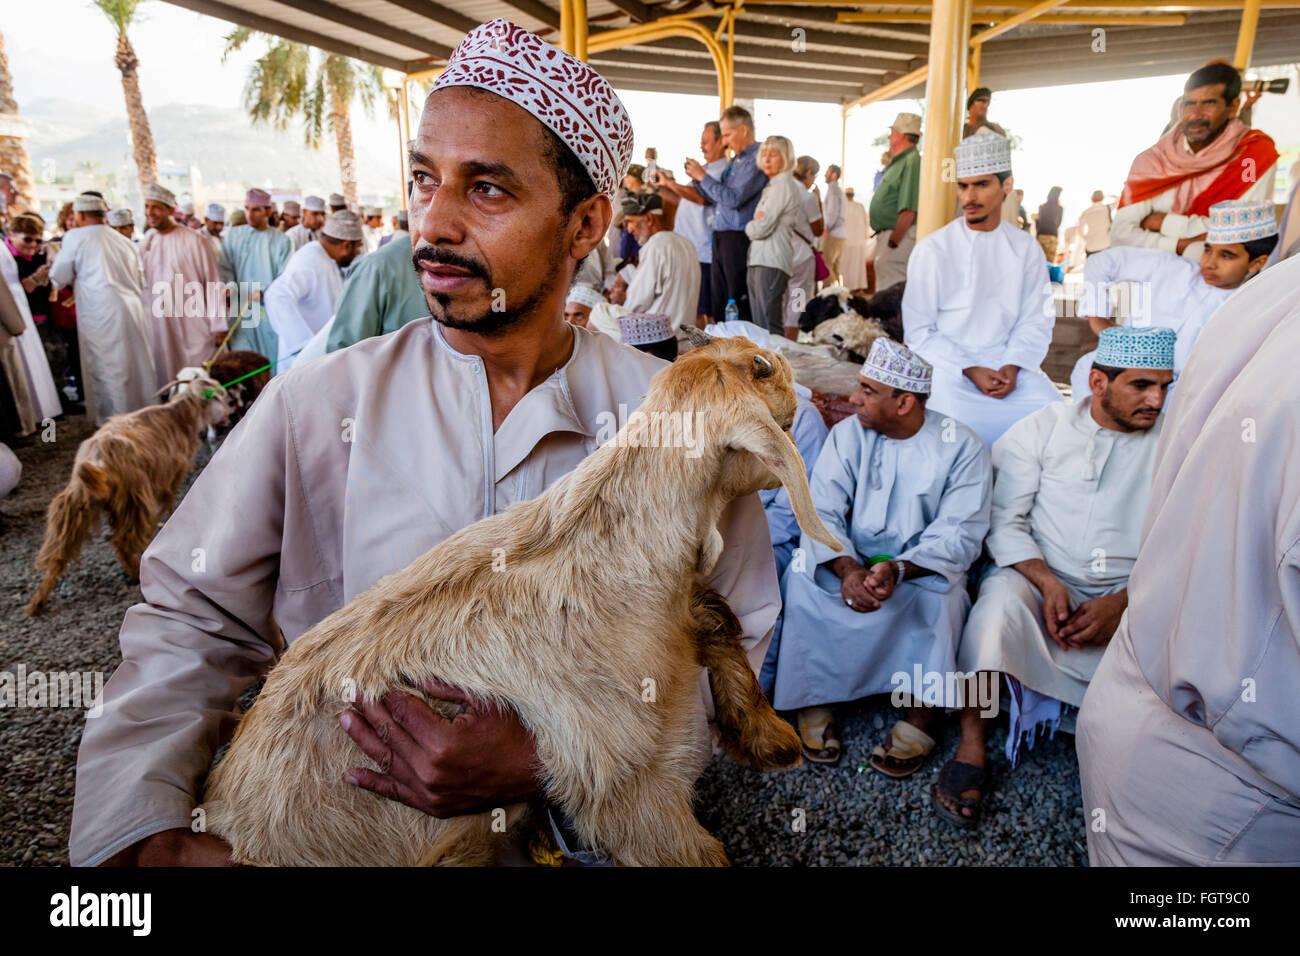 Il venerdì il mercato del bestiame, Nizwa, Ad Dakhiliyah Regione, Oman Immagini Stock